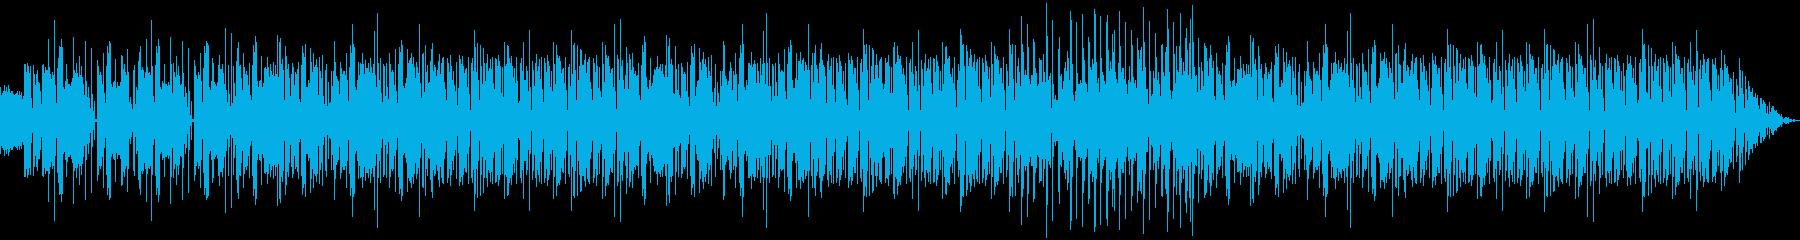 迫力があって独特なリズムなメロディーの再生済みの波形